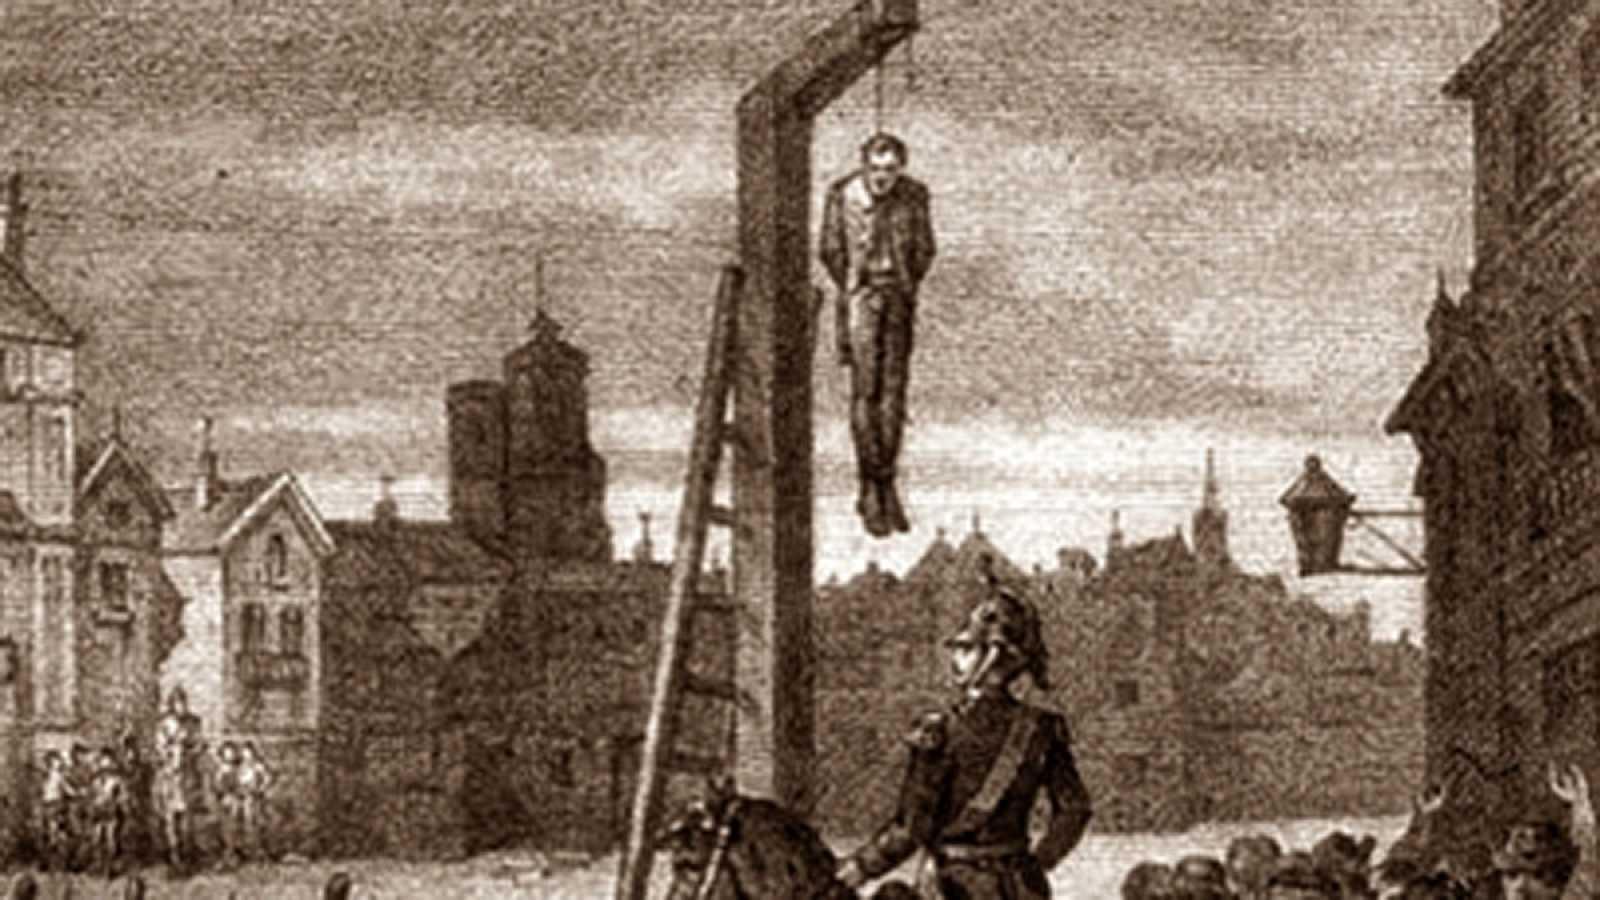 Episodios Nacionales - El terror de 1824 (III)